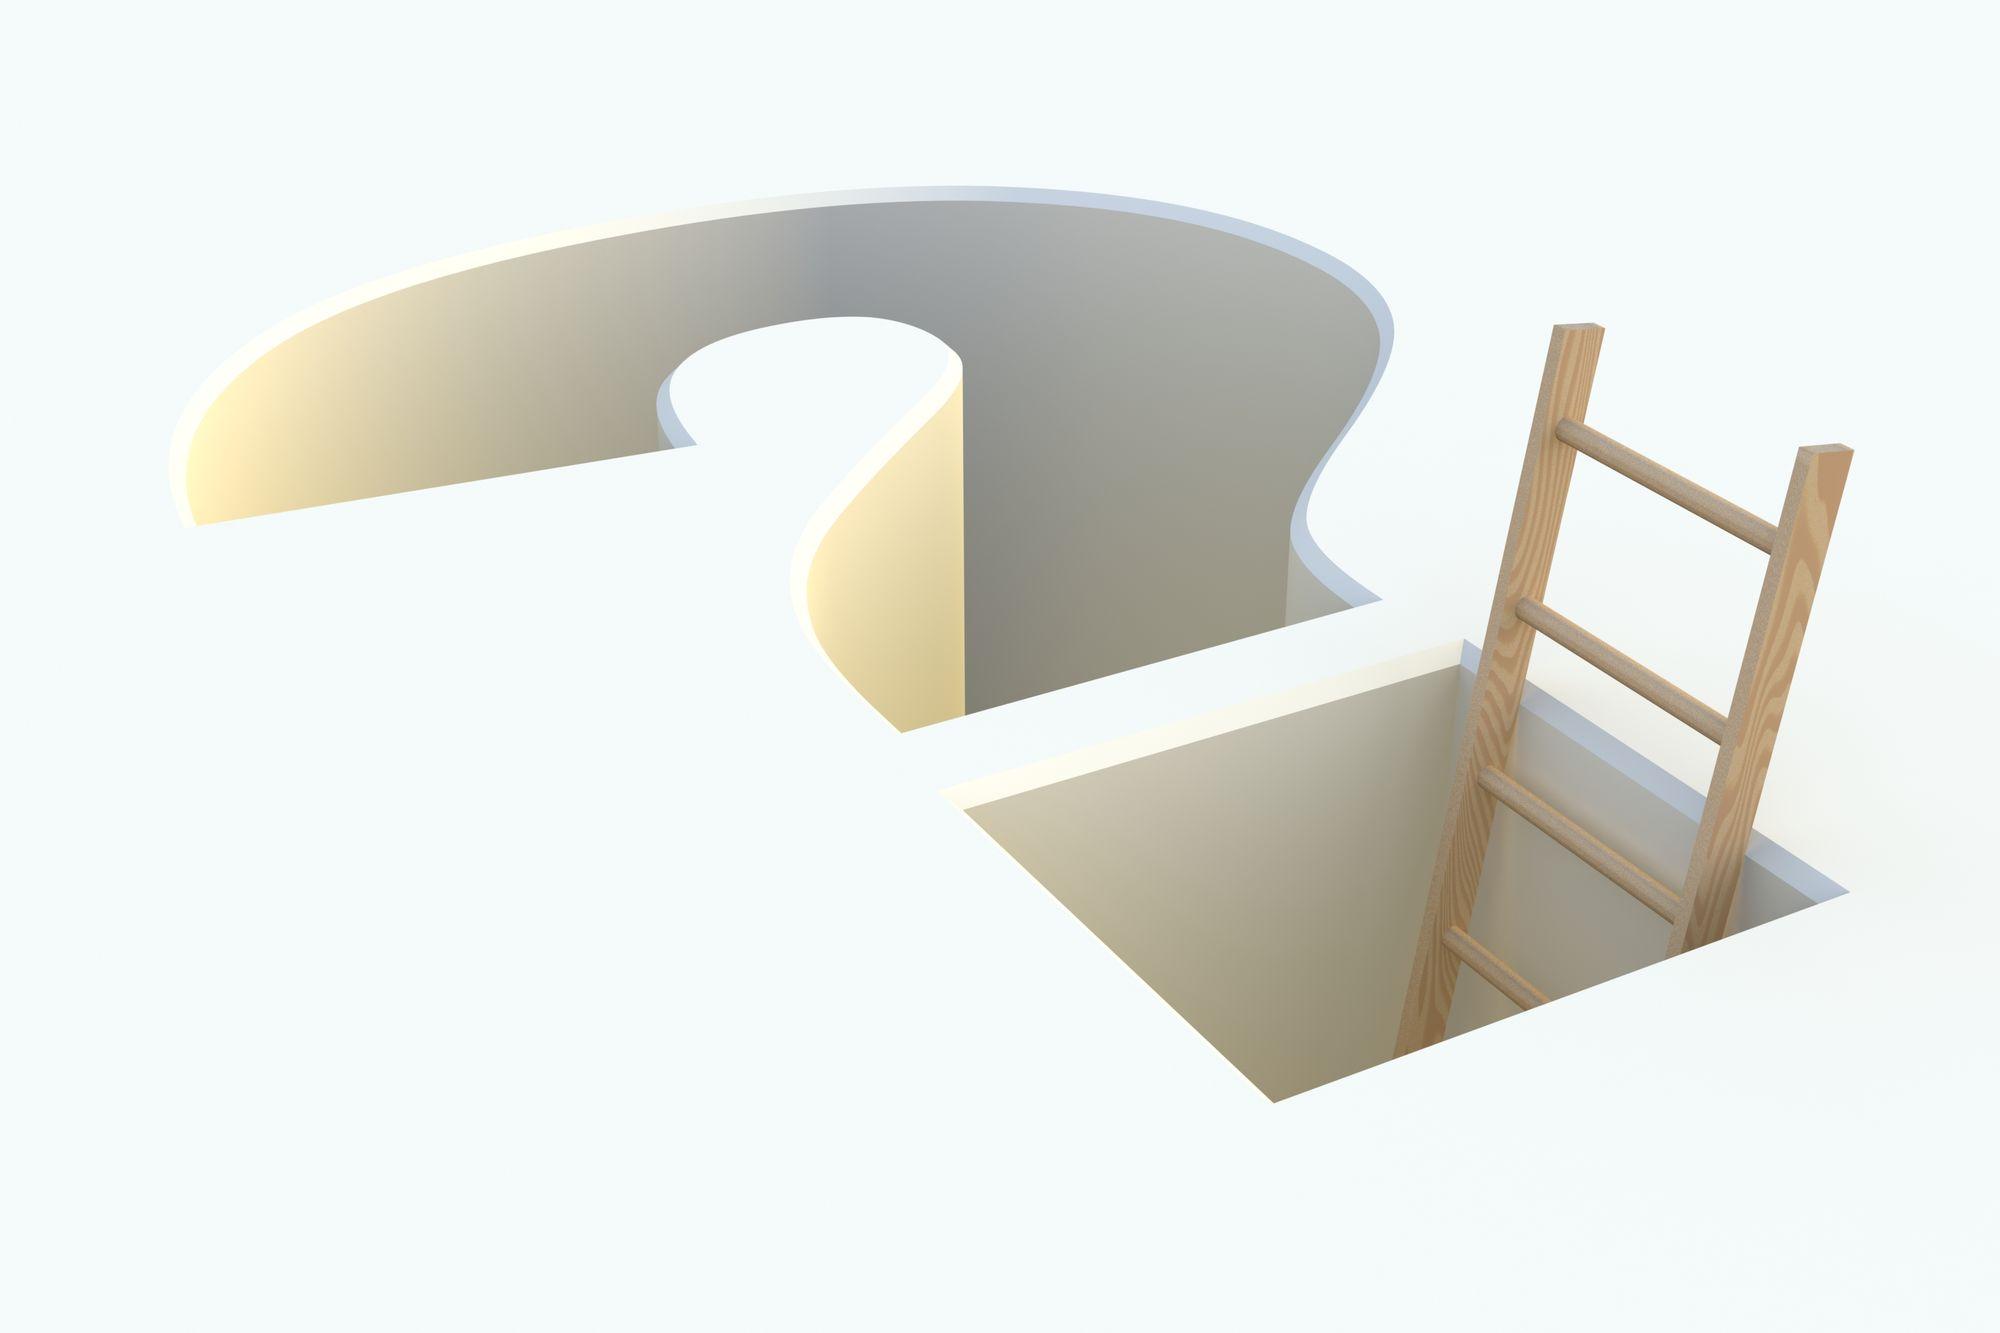 Ladder inside a 3D question mark